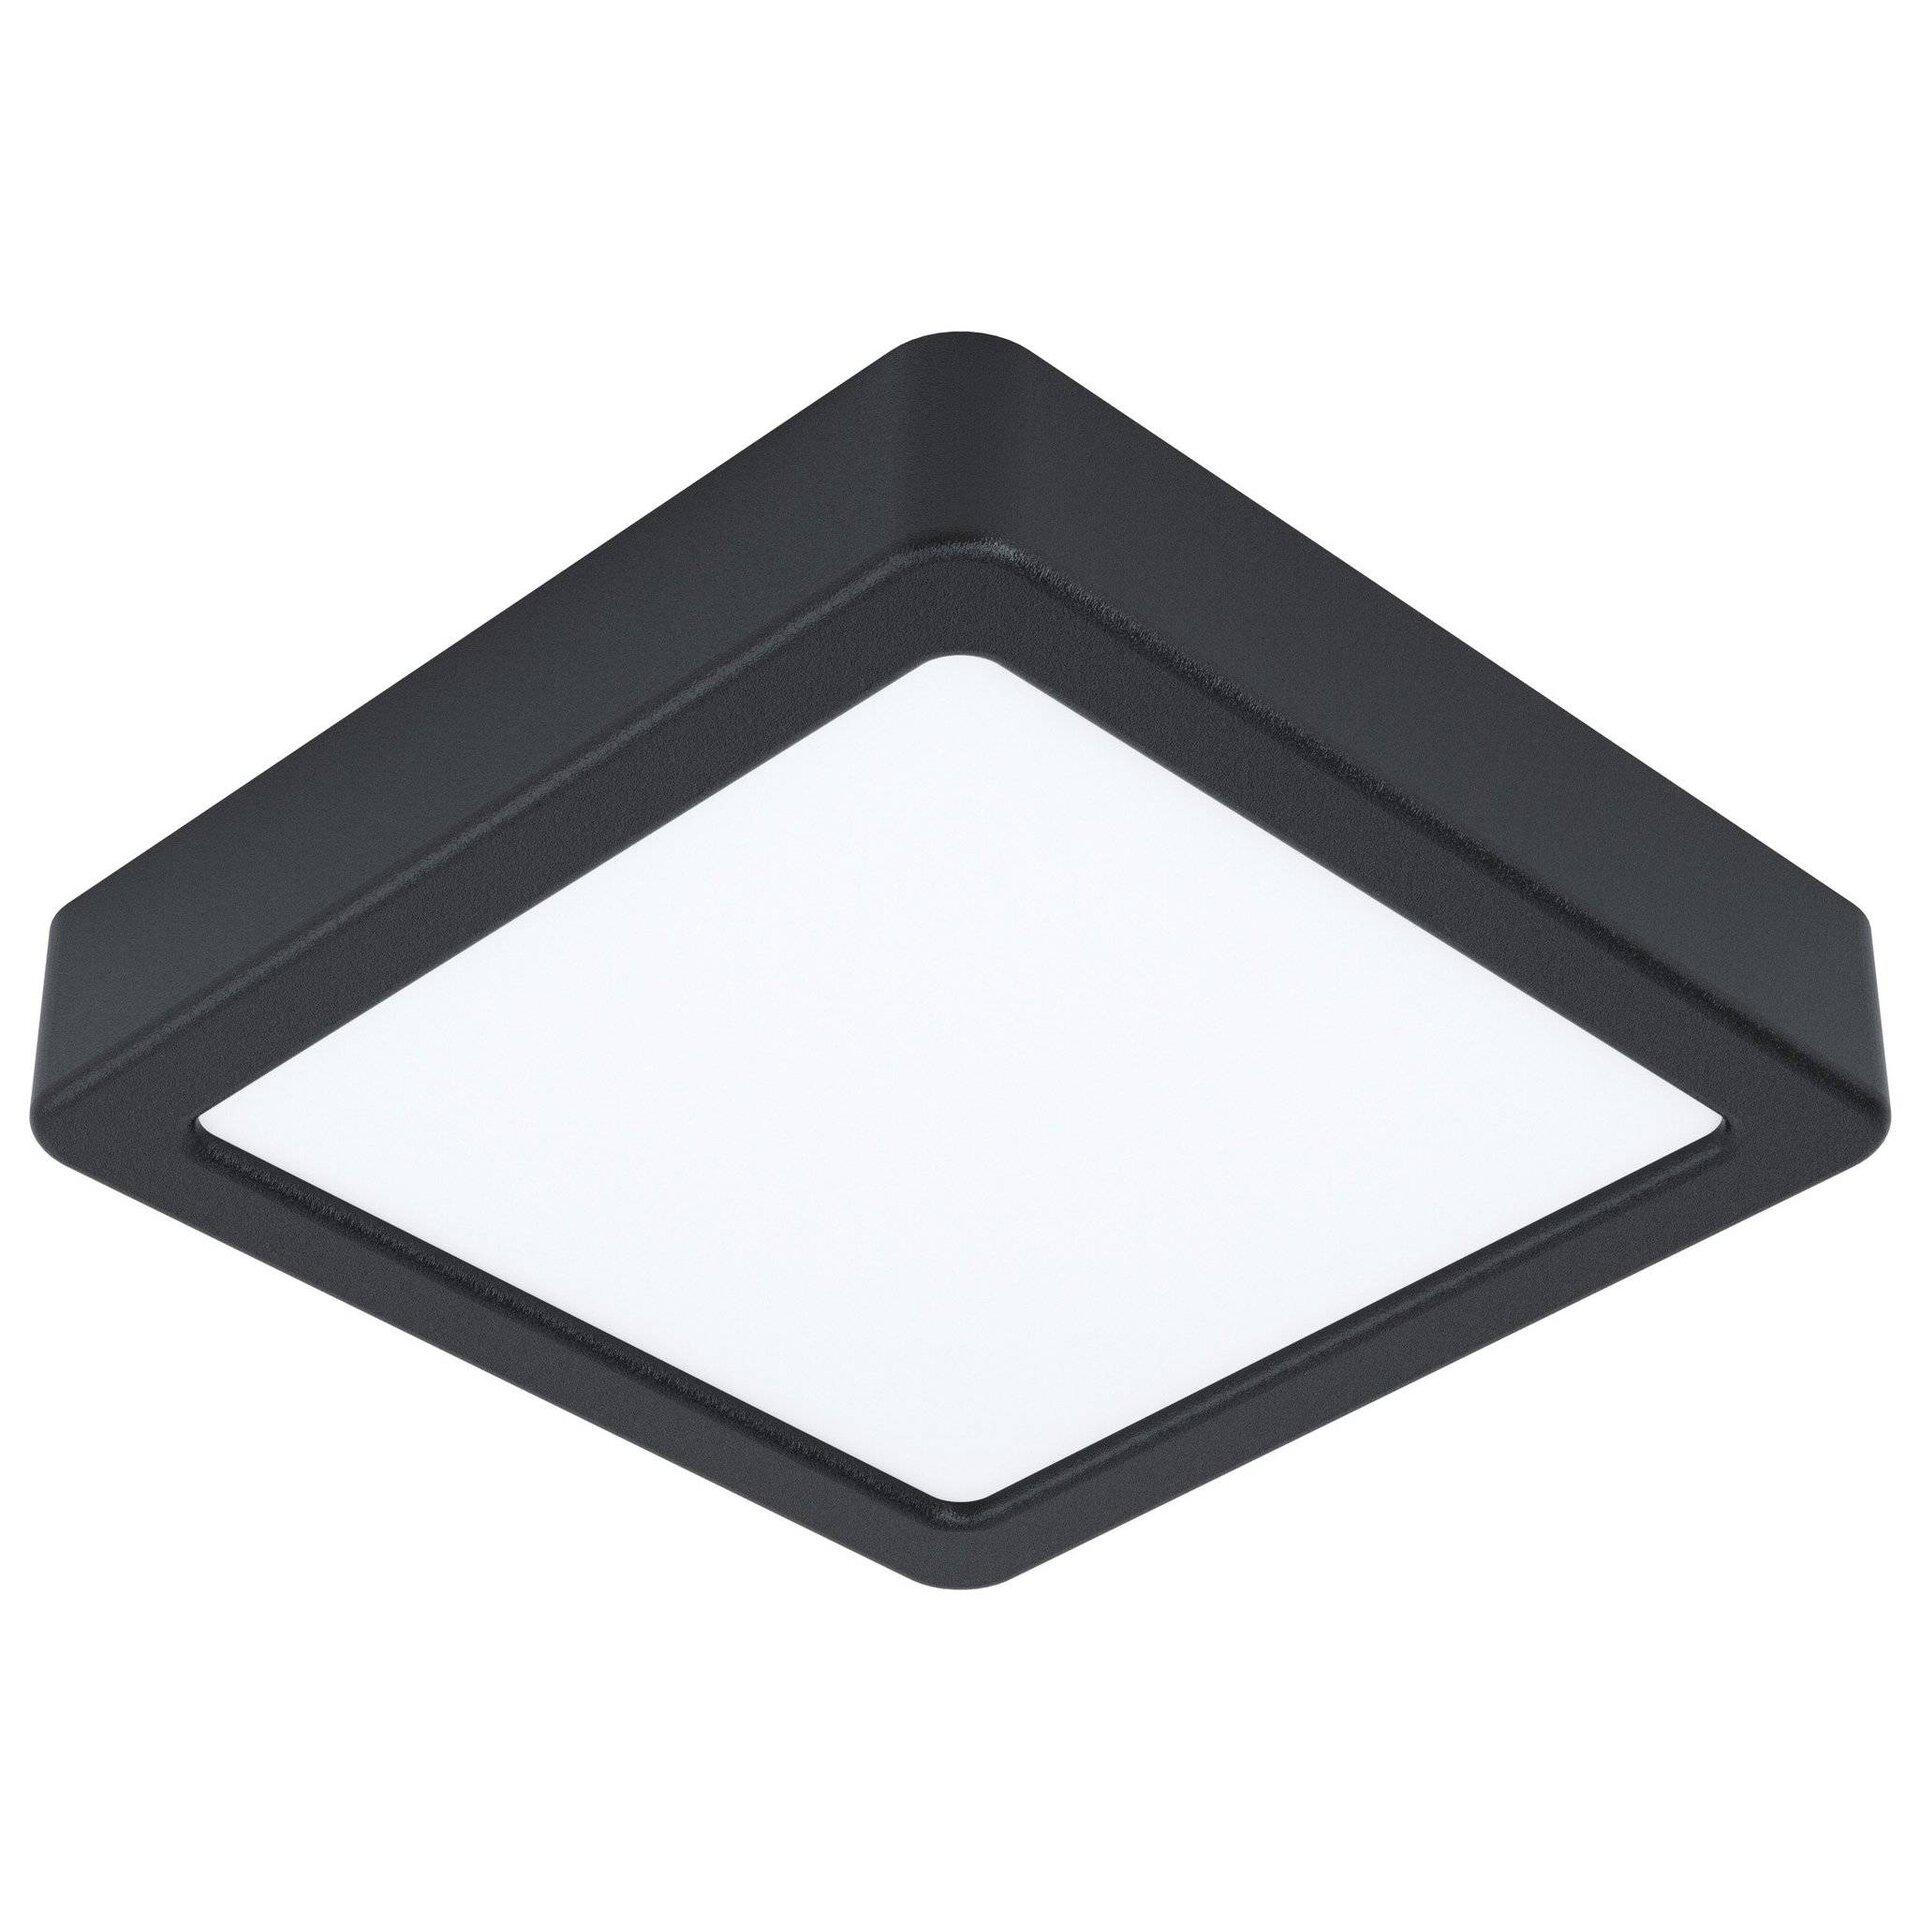 Deckenleuchte FUEVA 5 Eglo Metall schwarz 16 x 3 x 16 cm